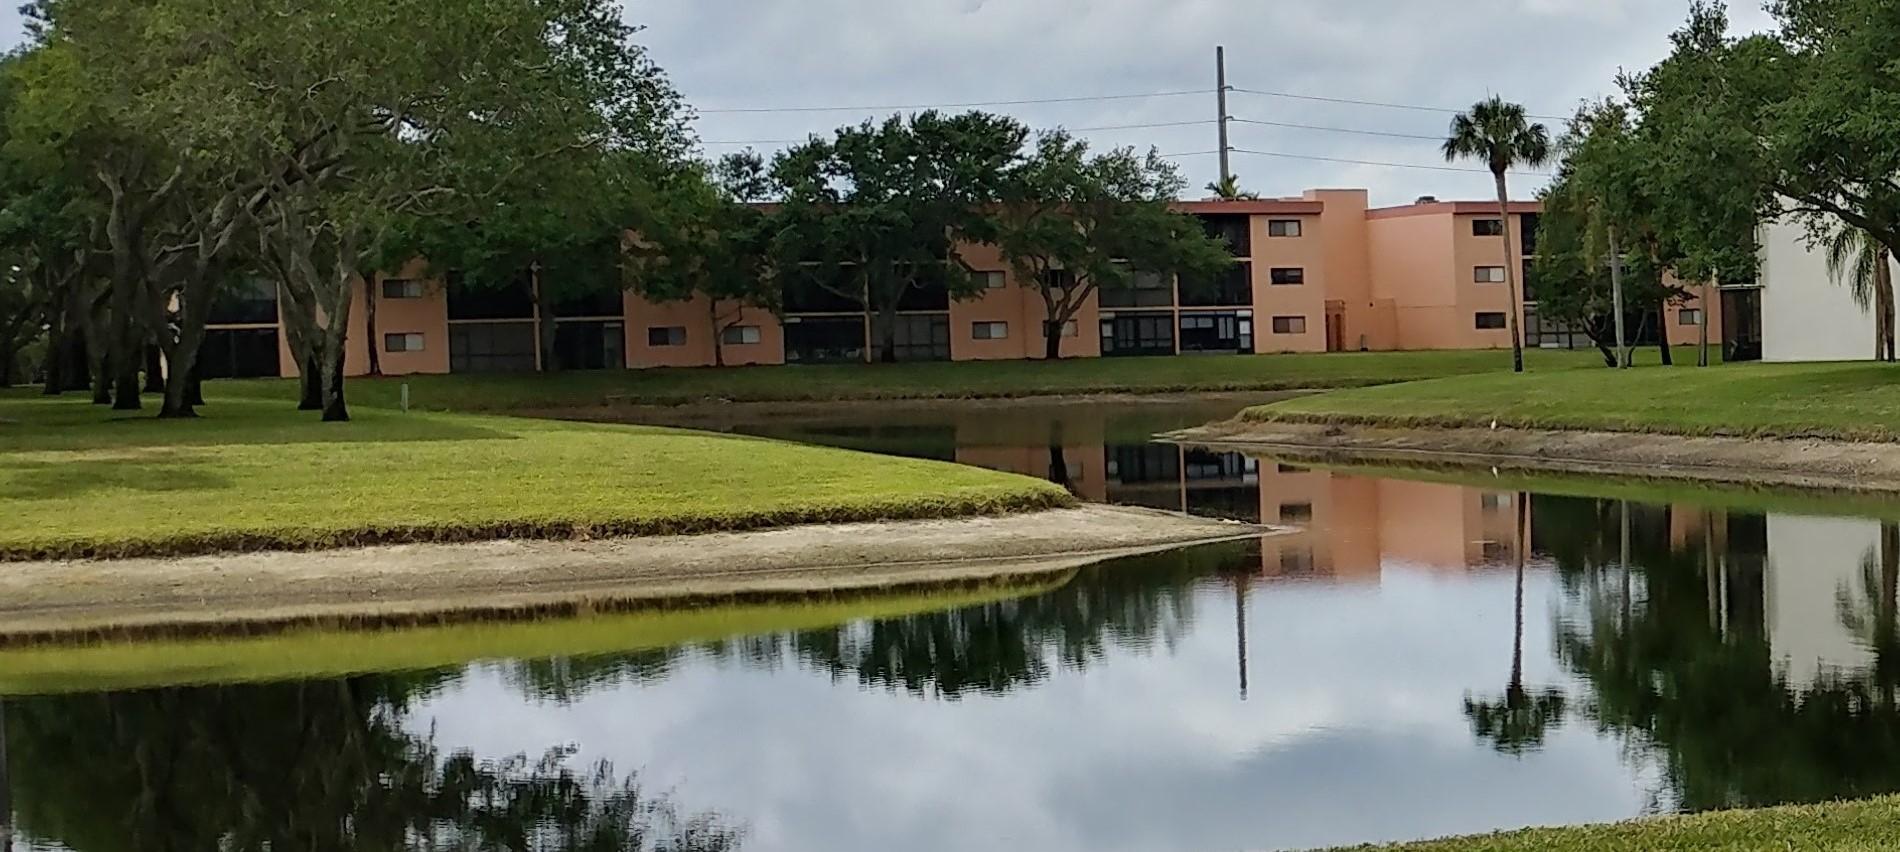 15324 Lakes Of Delray Boulevard 105  Delray Beach, FL 33484